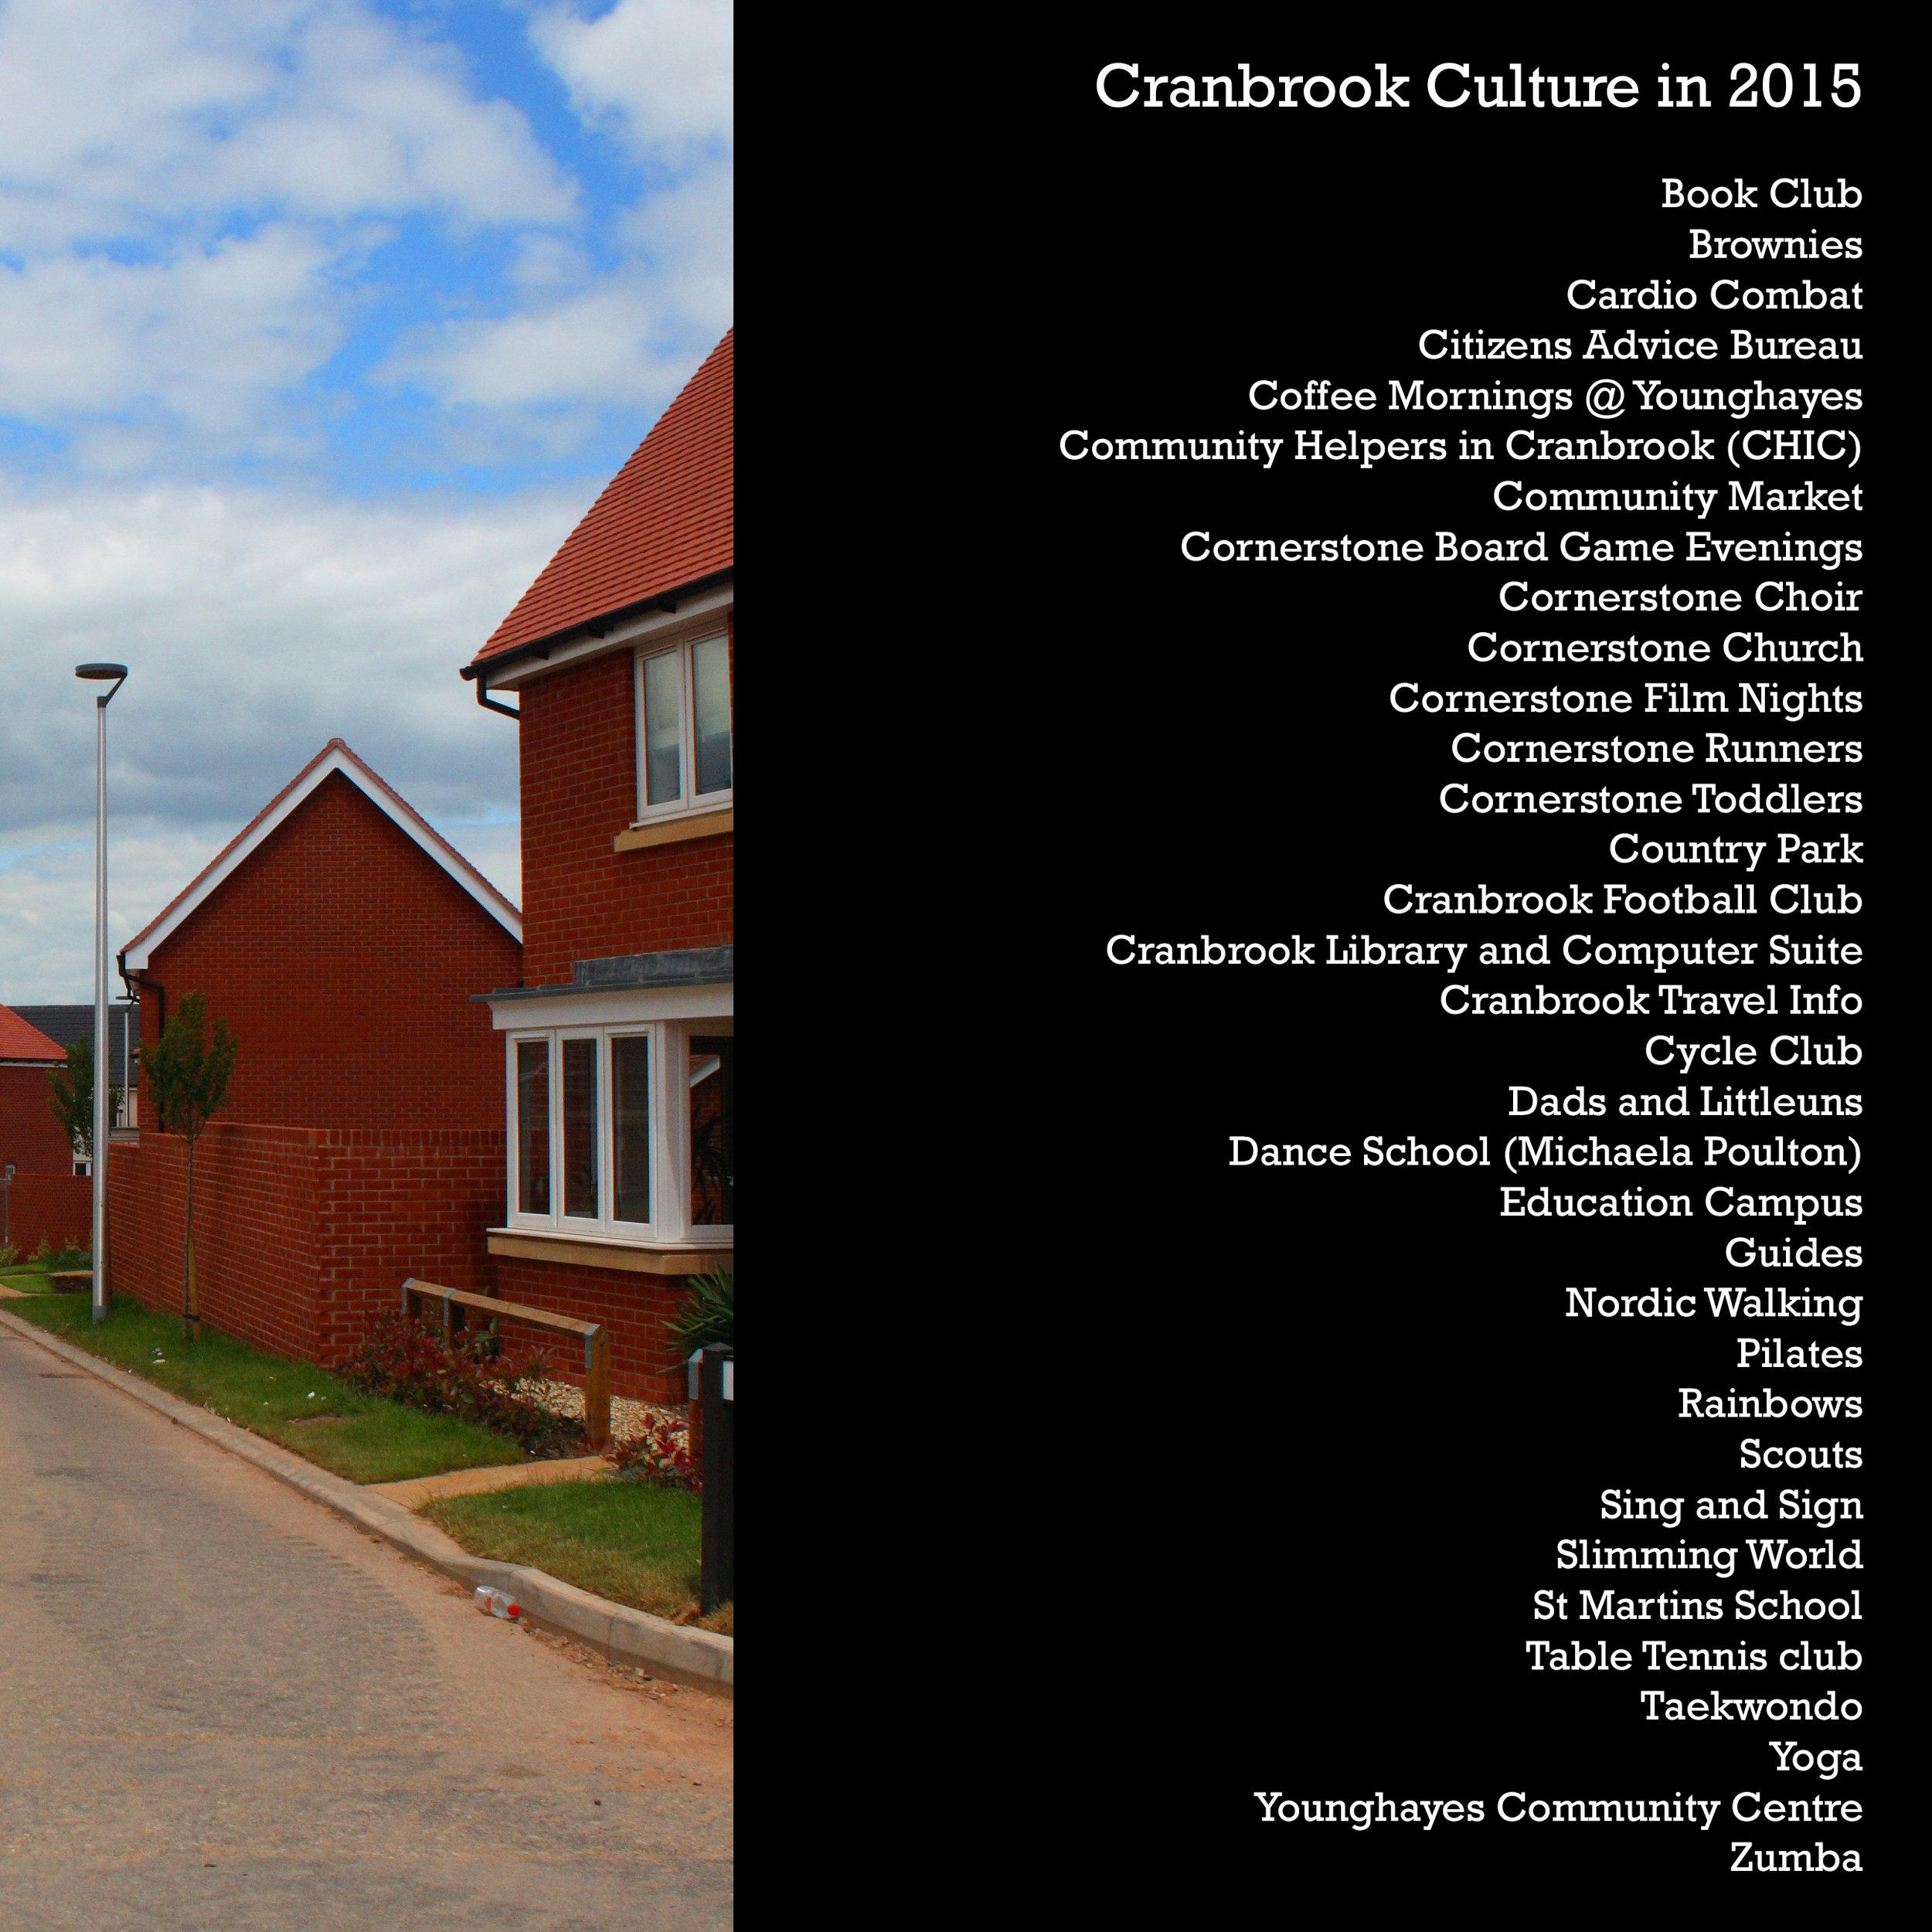 Cranbrook-Culture-2015.jpg